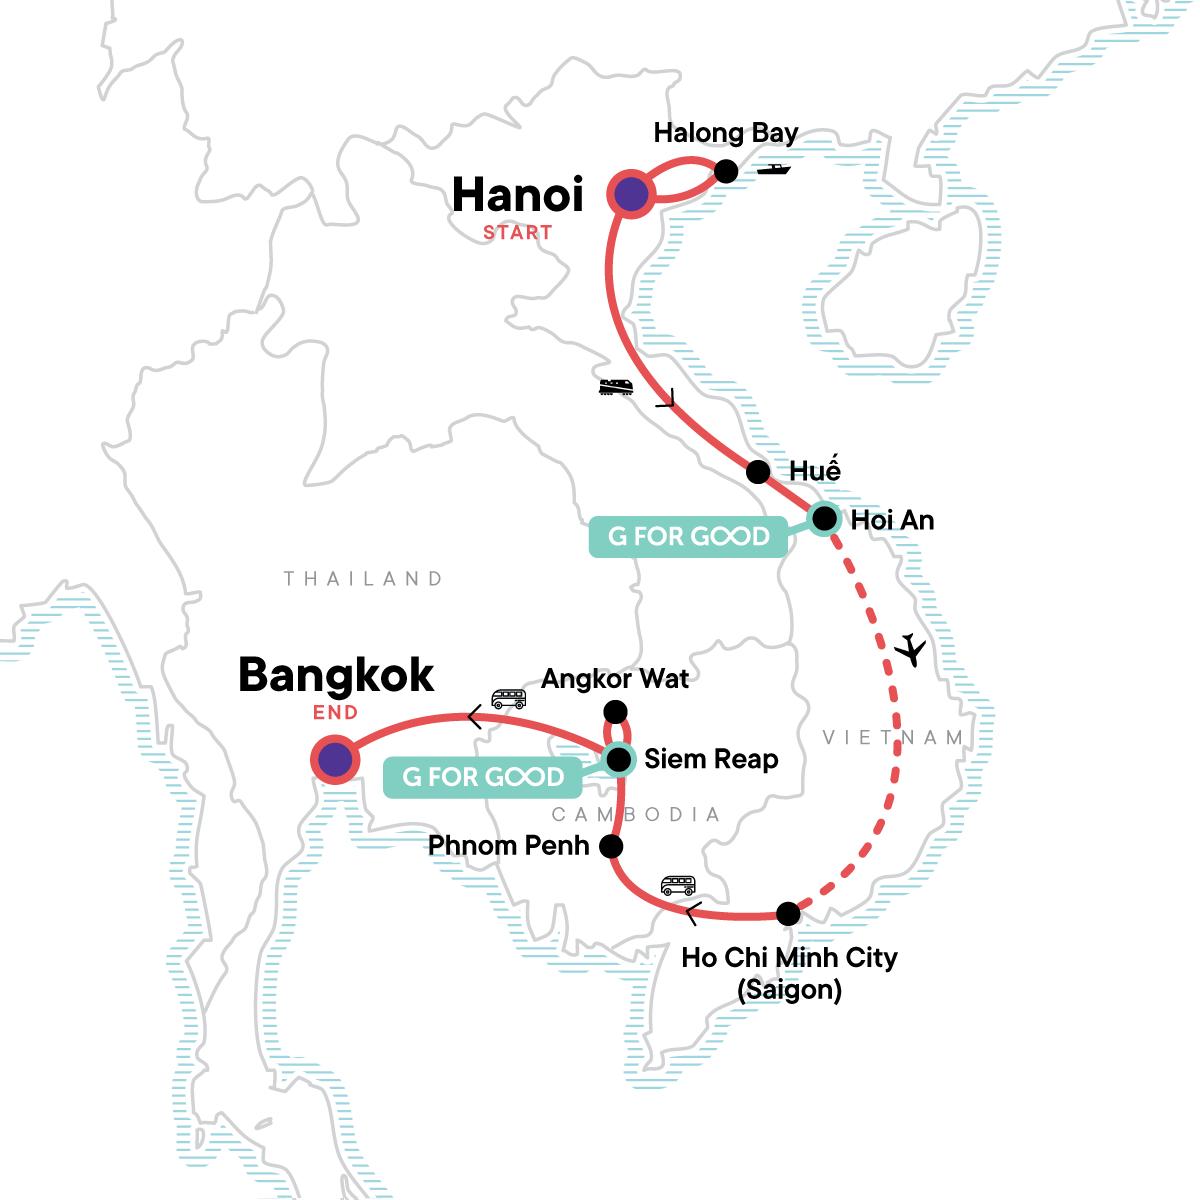 Essential Vietnam & Cambodia Map